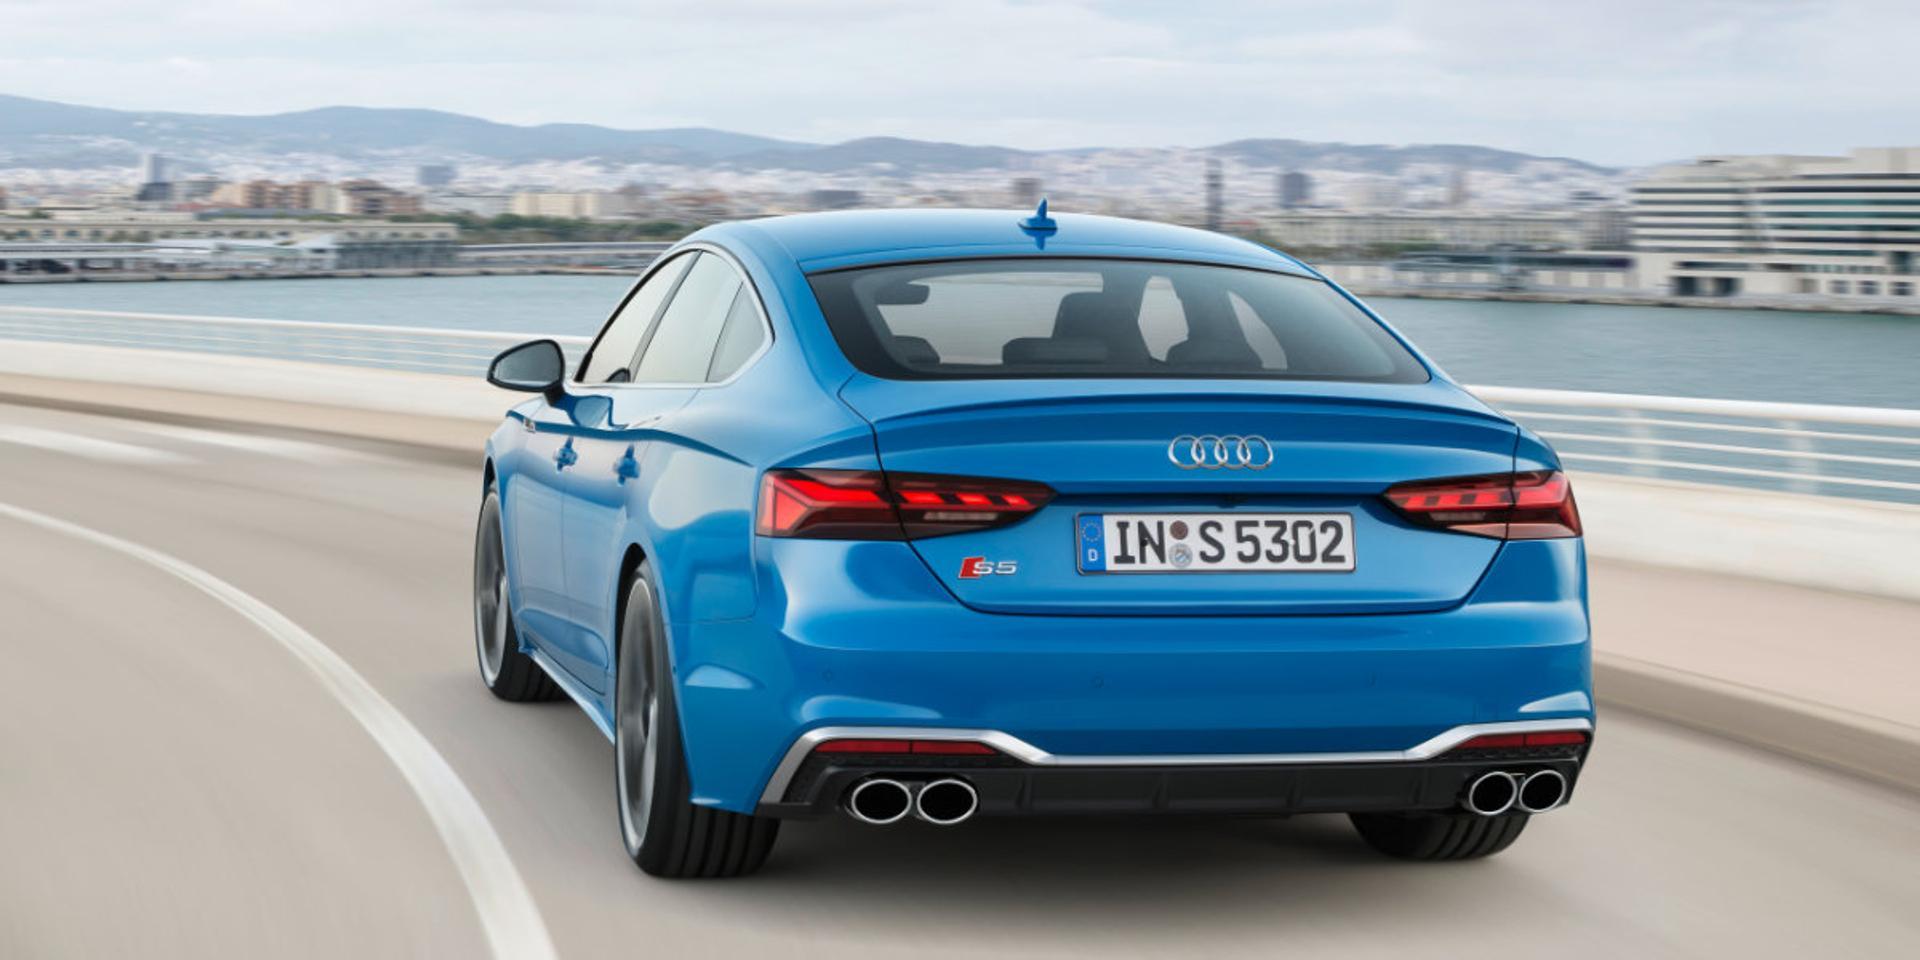 Audi S5 rear view